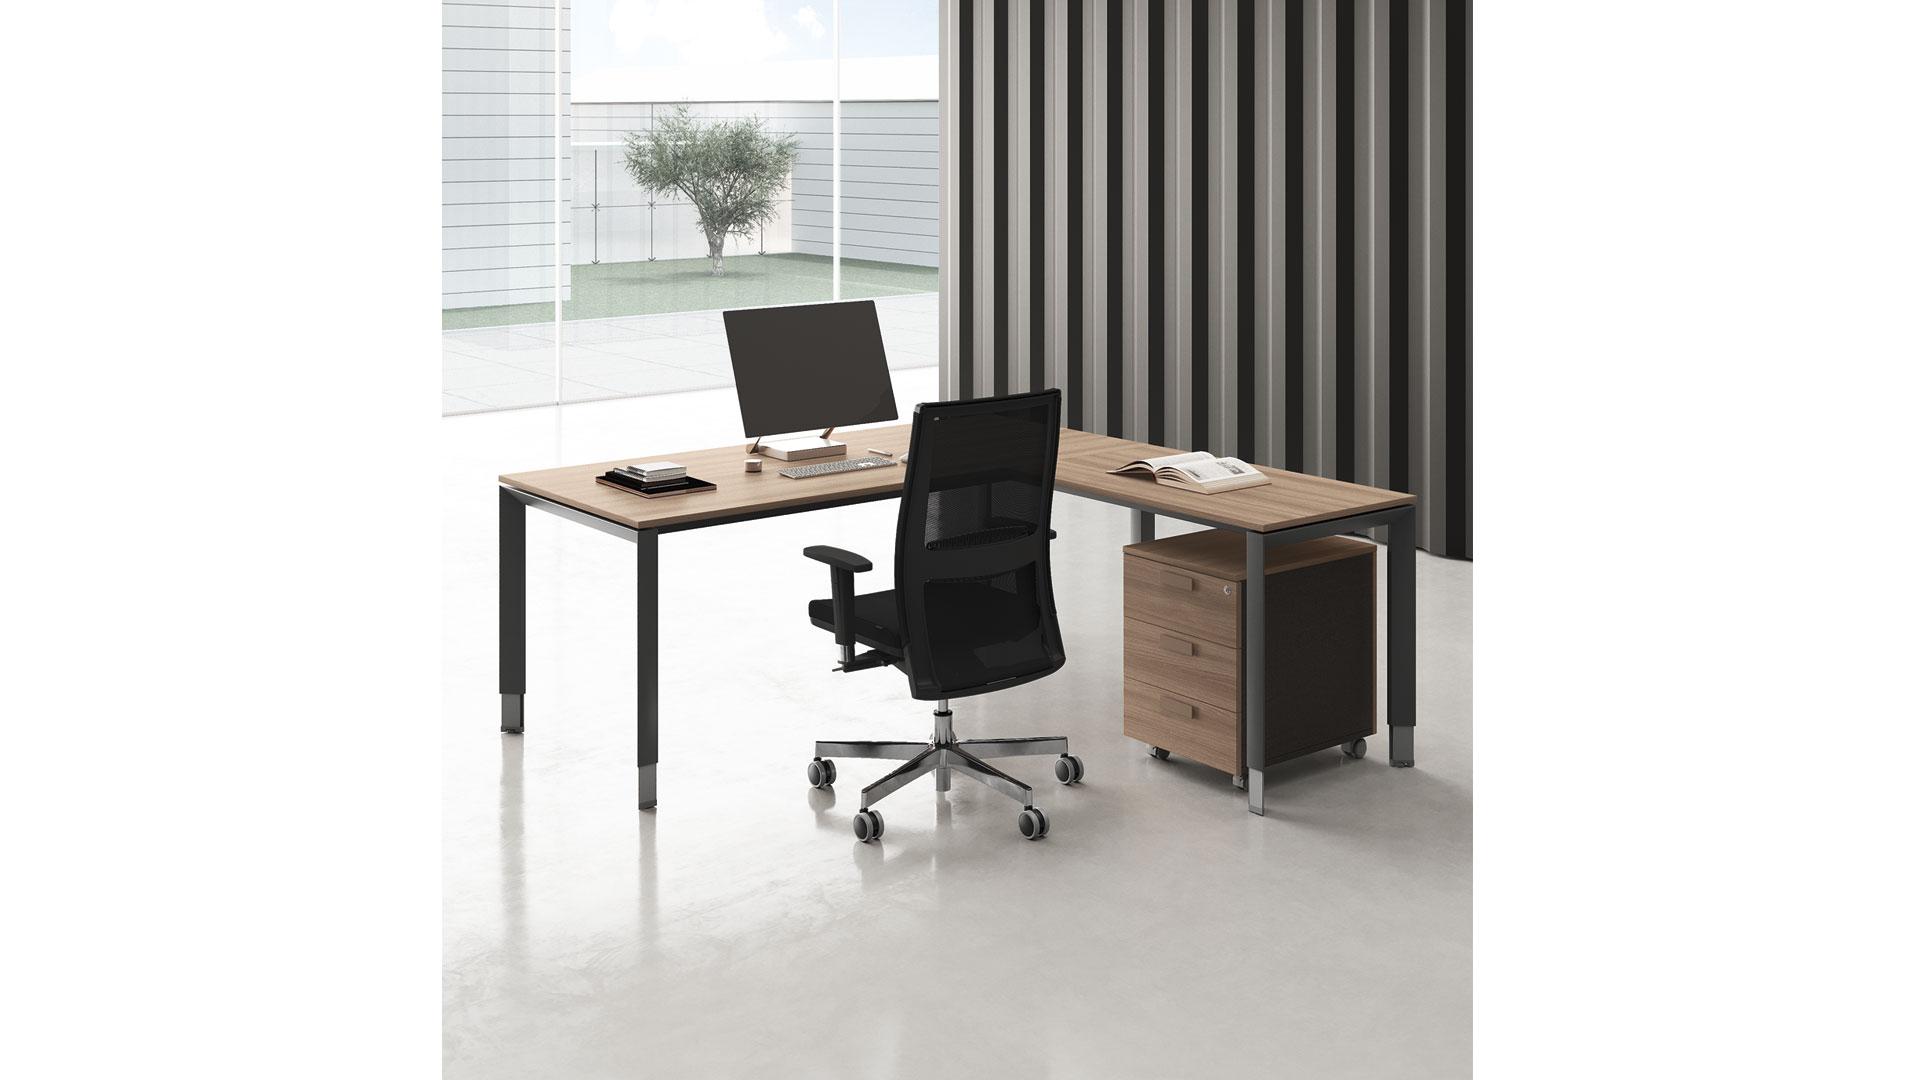 Easy pro 5 bureau avec retour - Easy PRO bureaux